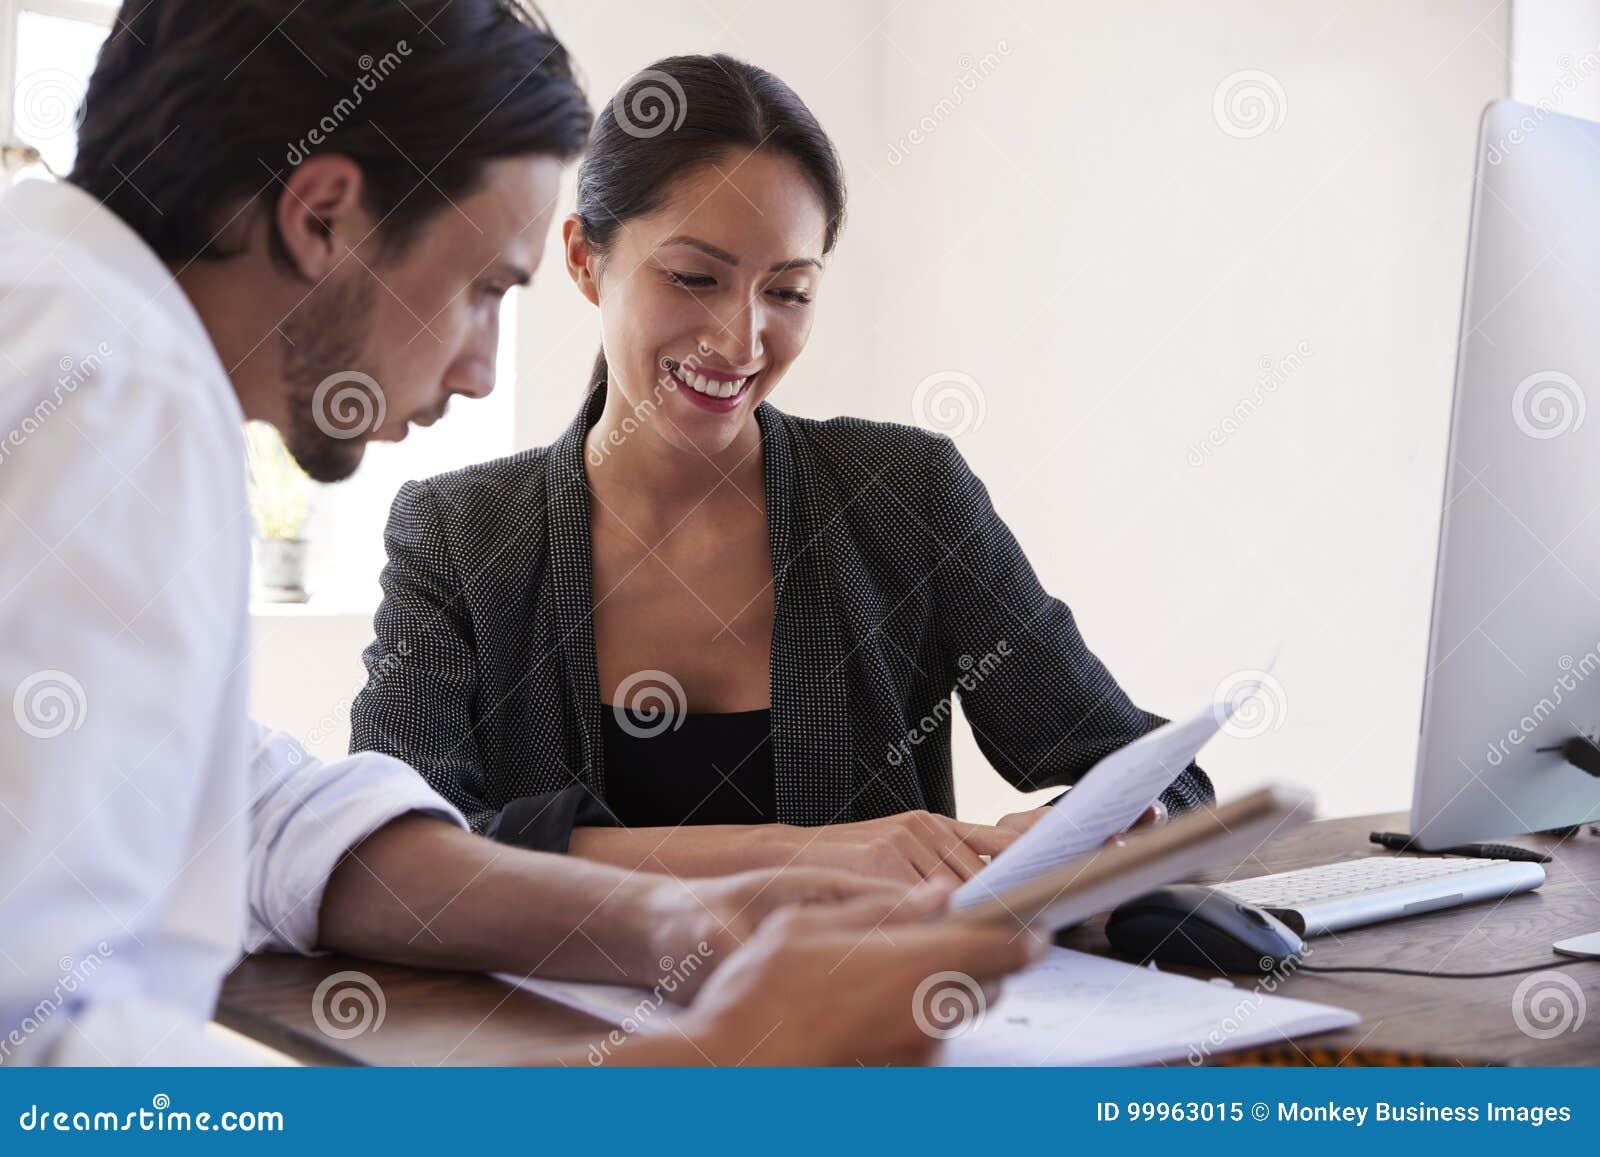 Mann und Frau, die oben Dokumente in einem Büro, Abschluss betrachten